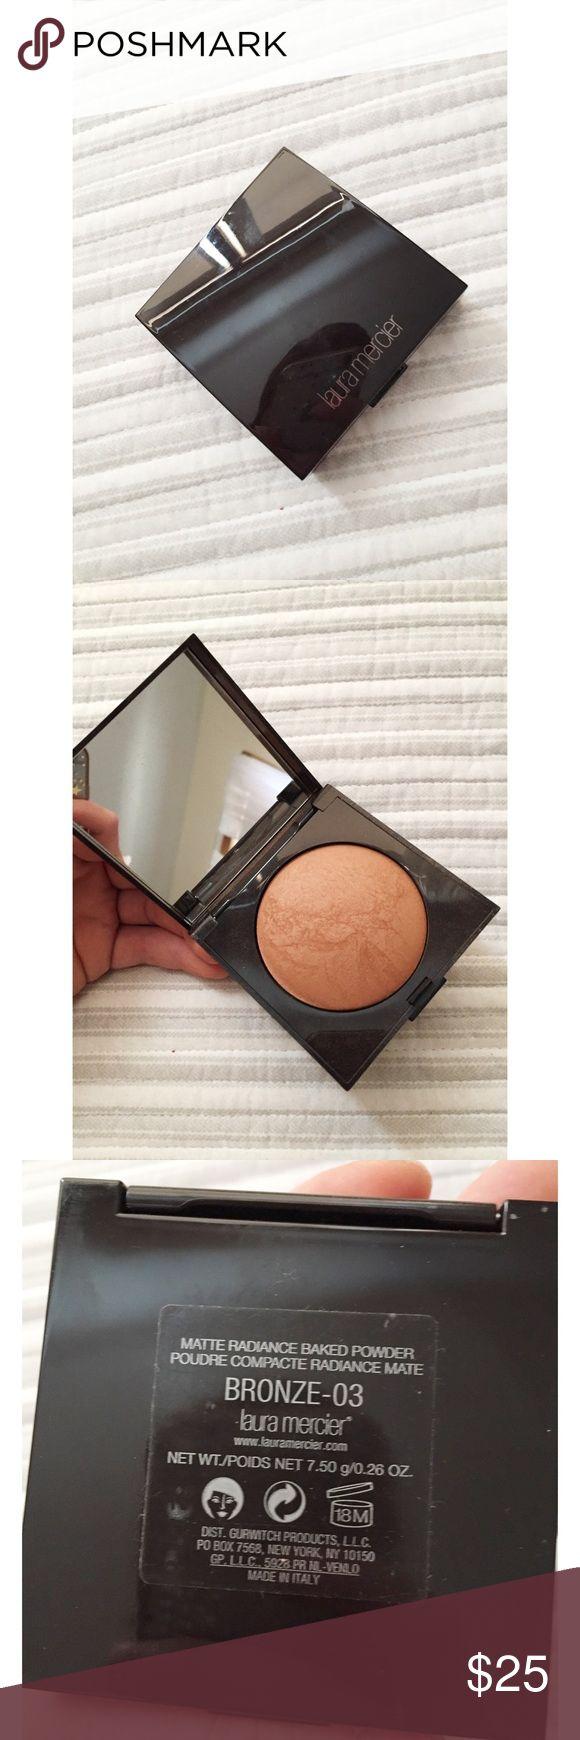 Laura Mercier Bronzer NEVER USED - bronze-03 laura mercier Makeup Bronzer